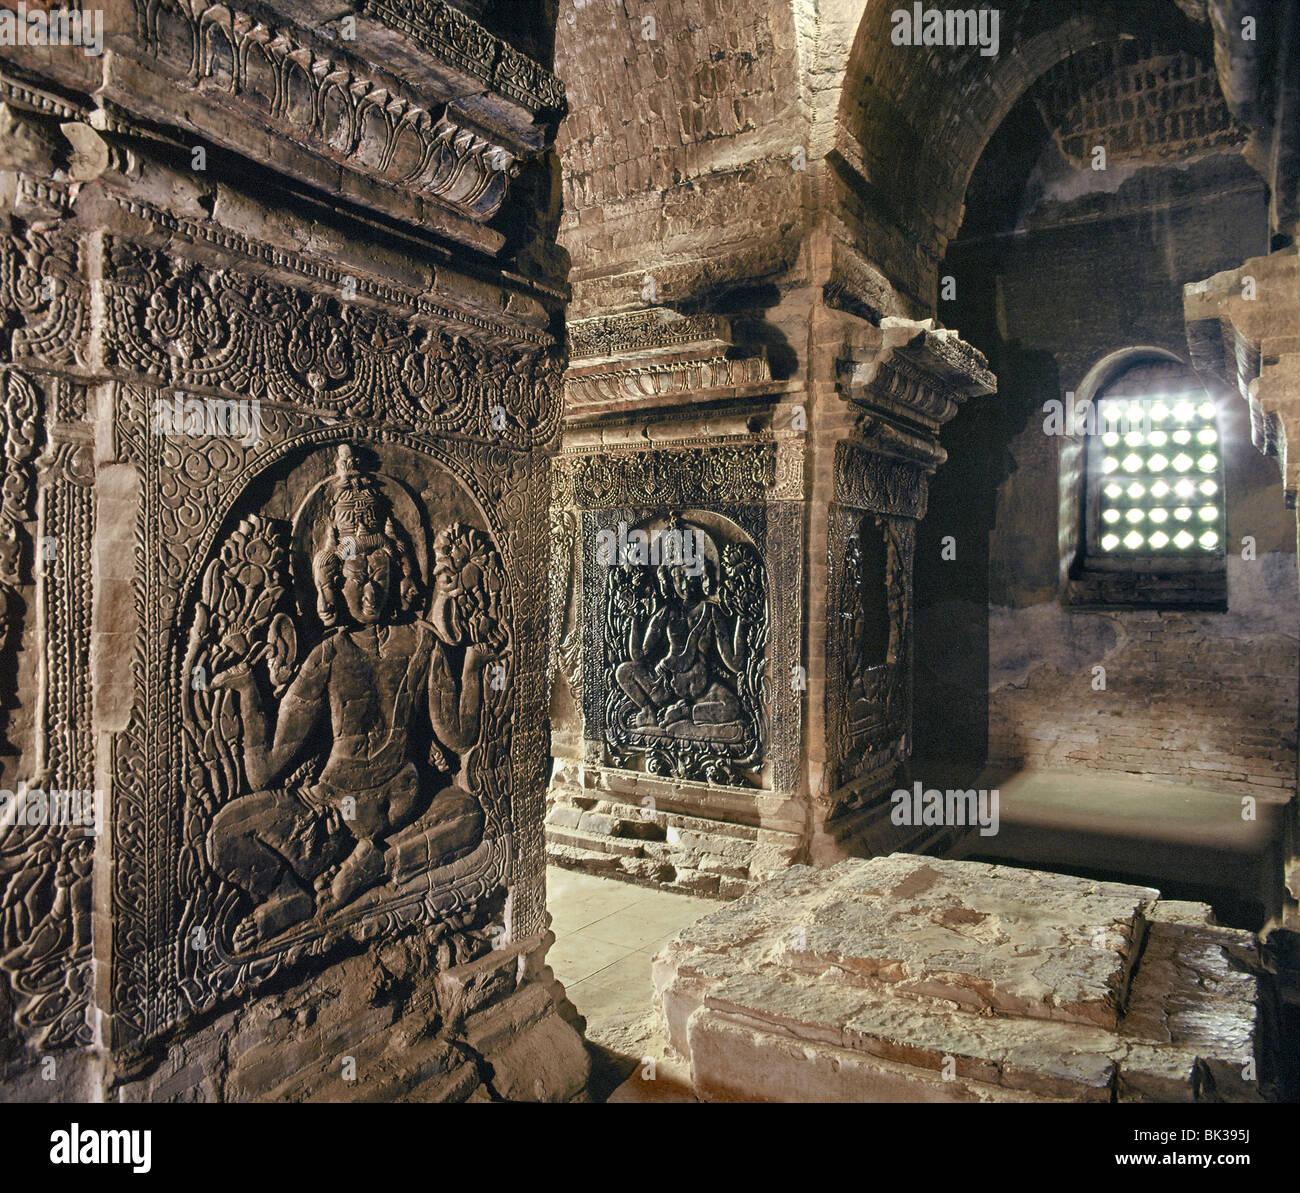 Sanctum del tempio Nanpaya, con Brahmanic immagini scolpite sui pilastri, Bagan (pagano), Myanmar (Birmania), Asia Immagini Stock